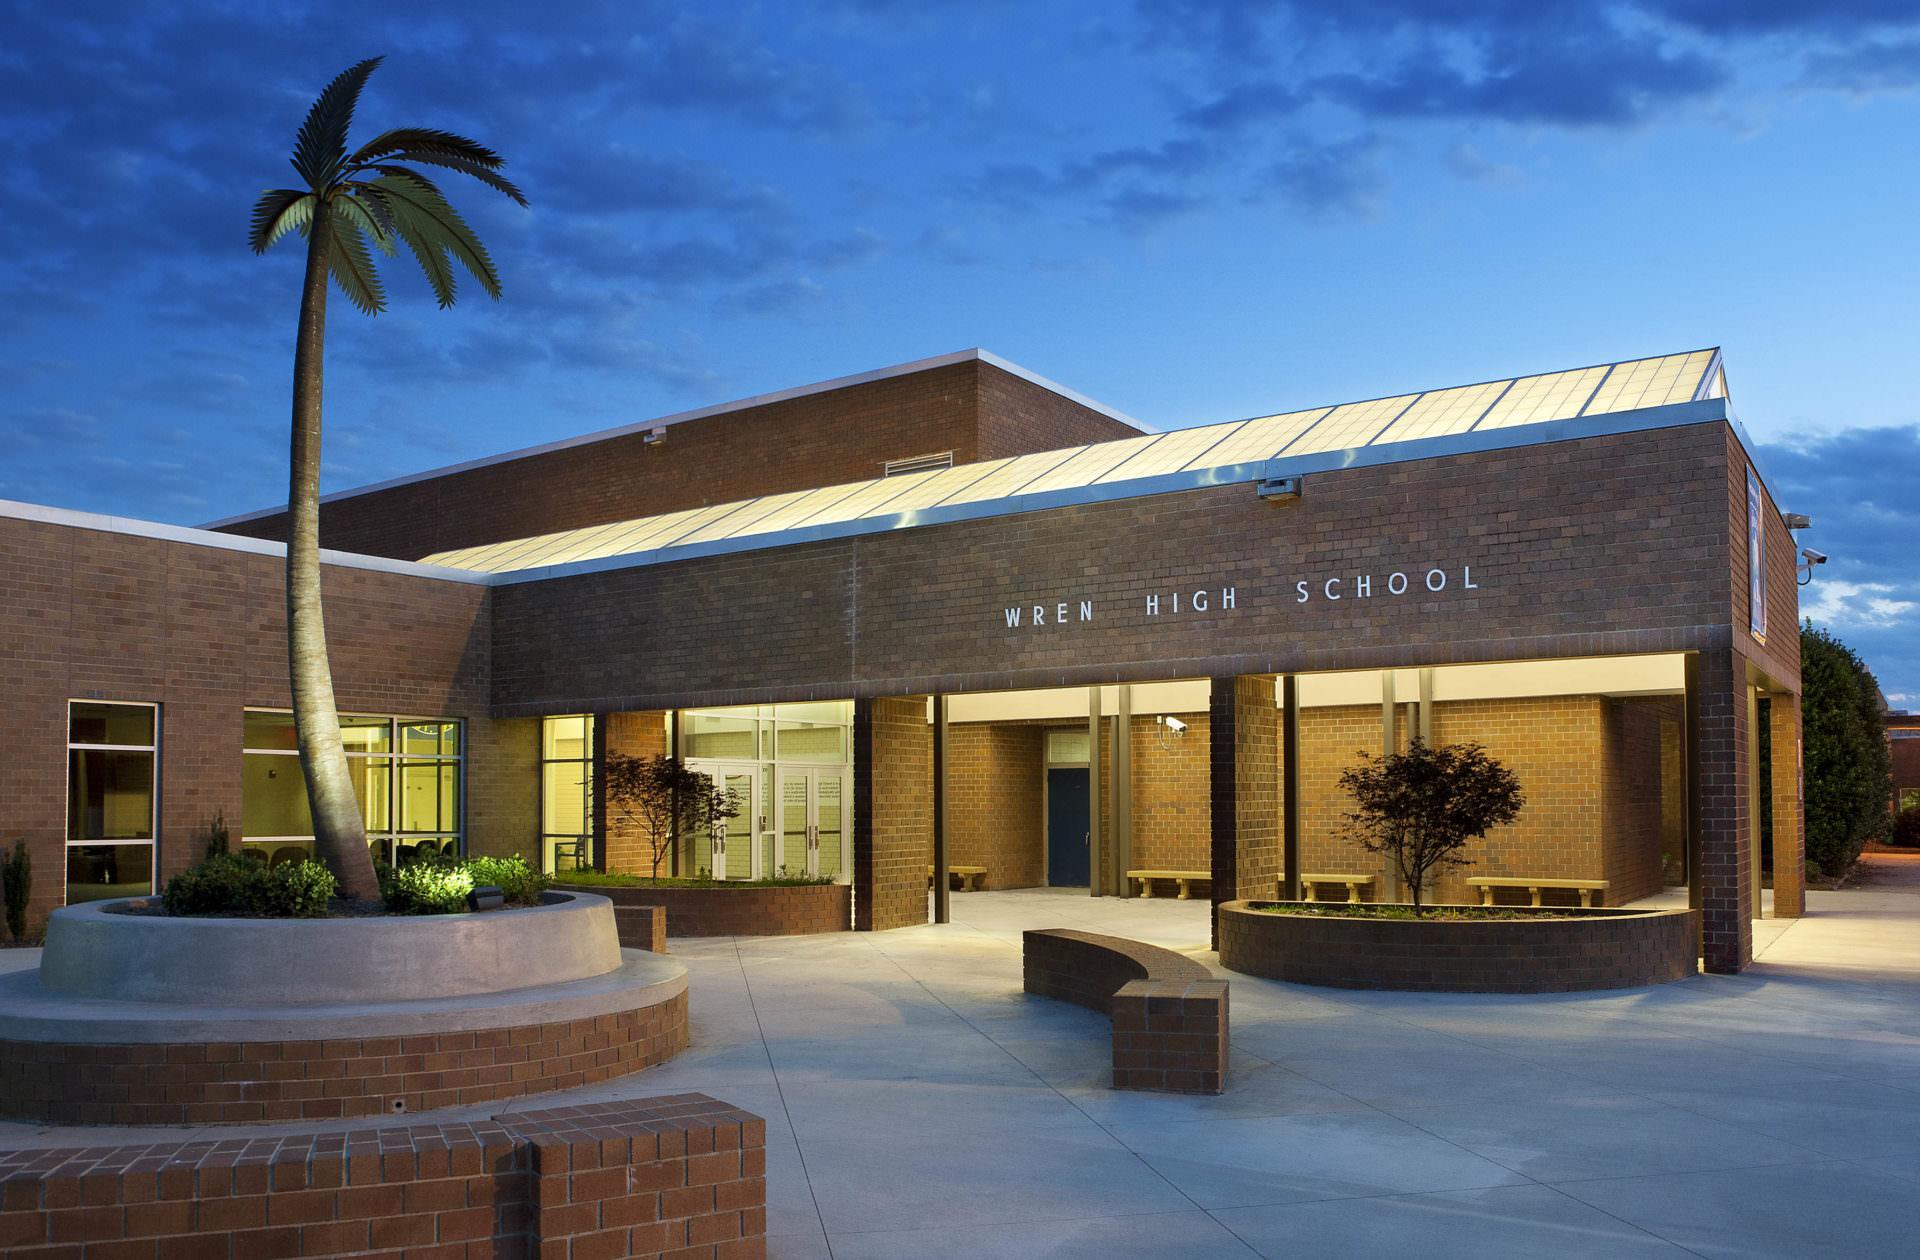 Wren High School Anderson County Schools Craig Gaulden